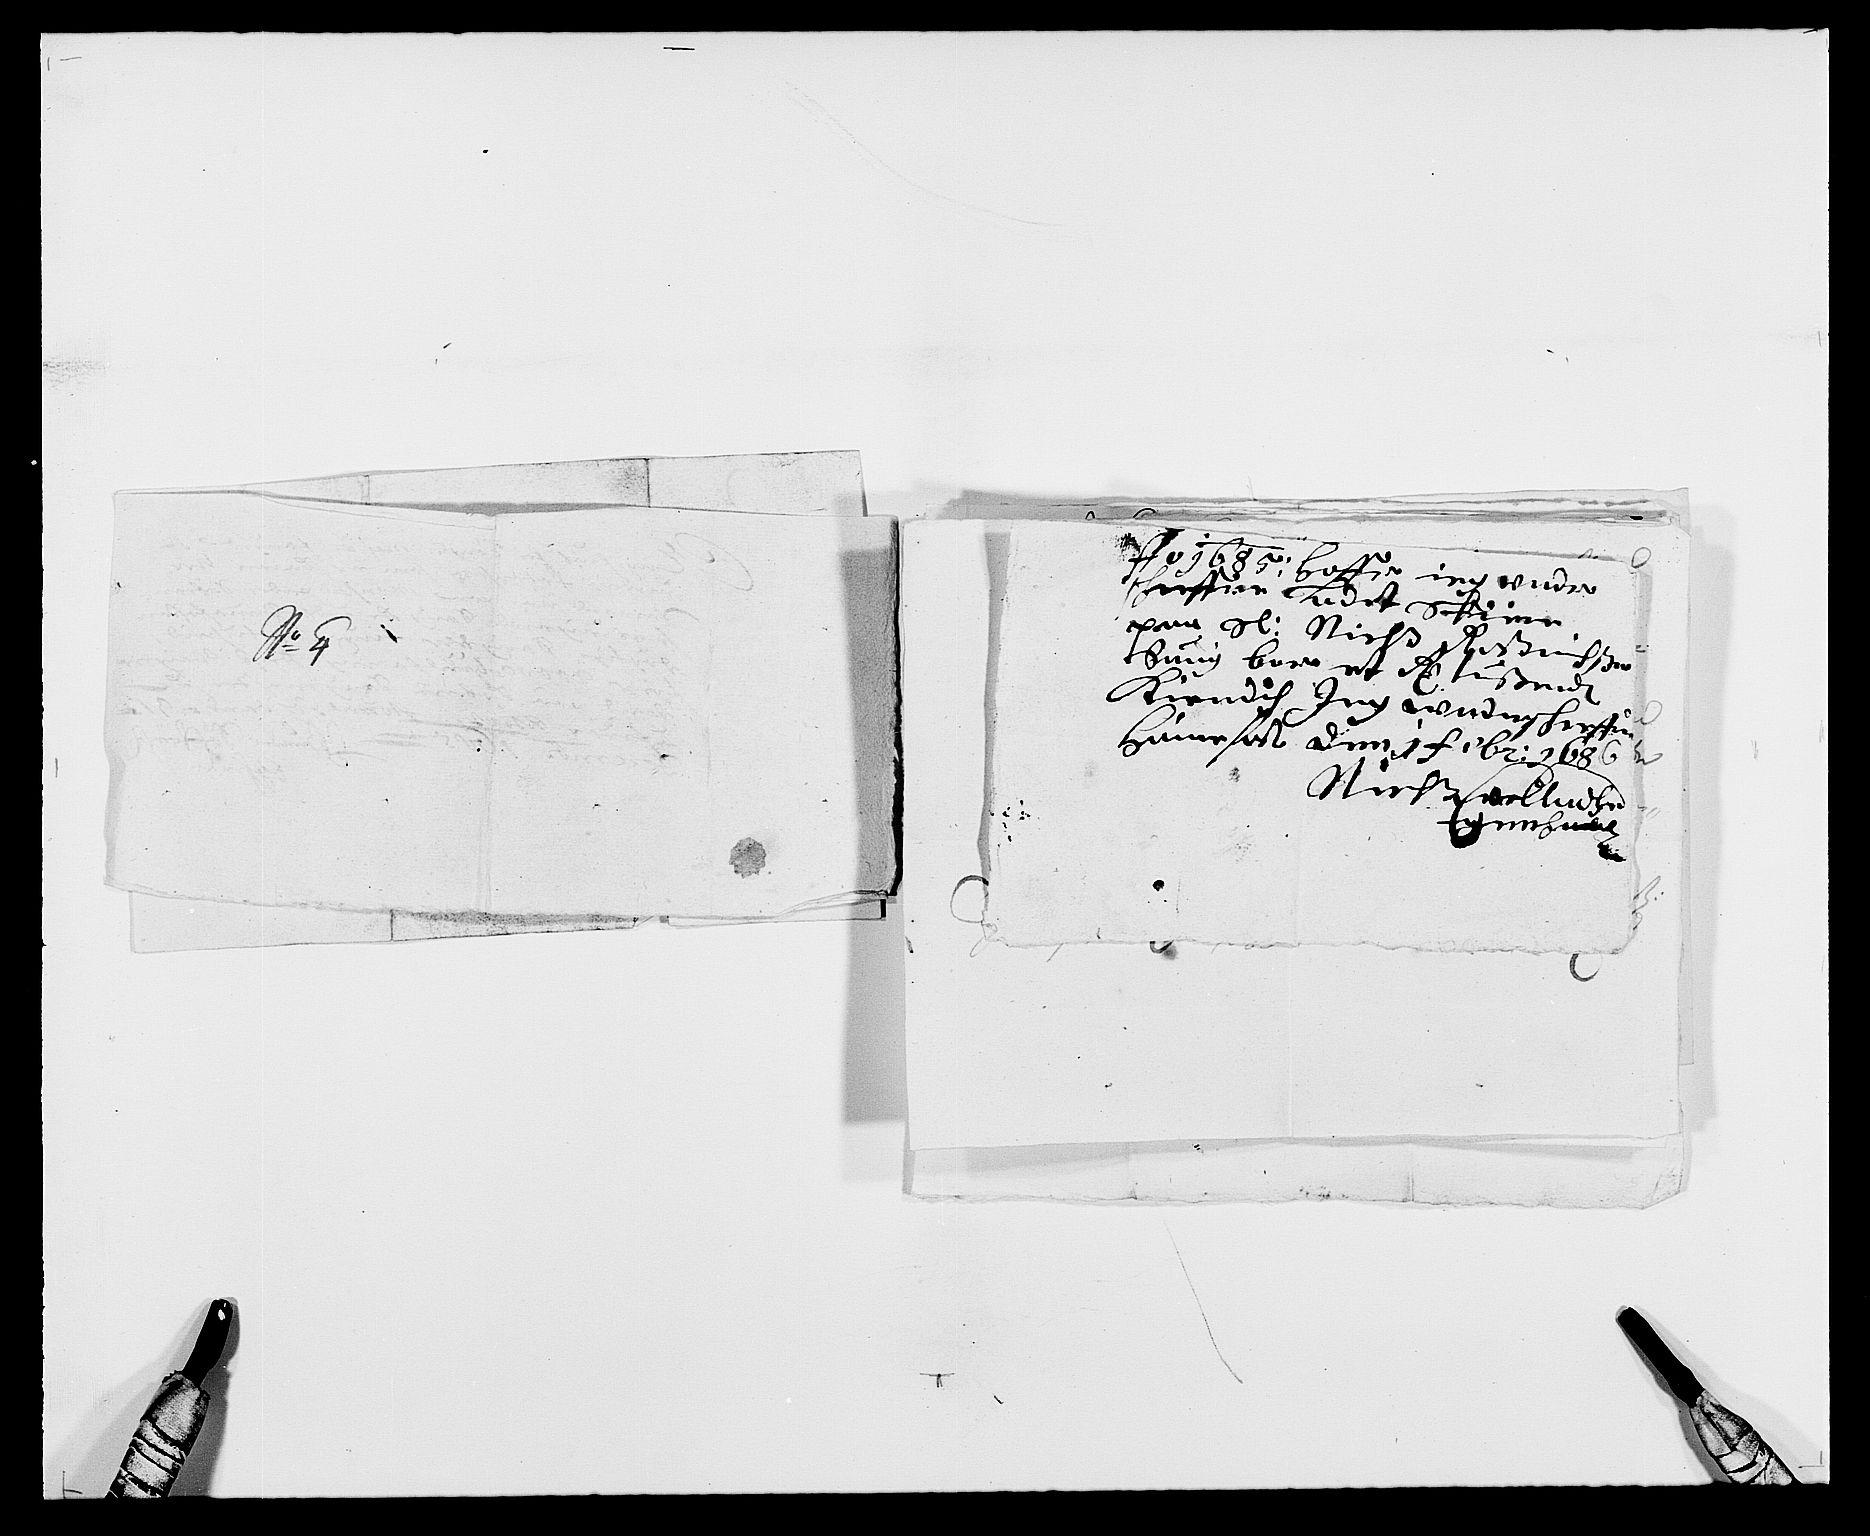 RA, Rentekammeret inntil 1814, Reviderte regnskaper, Fogderegnskap, R21/L1446: Fogderegnskap Ringerike og Hallingdal, 1683-1686, s. 358